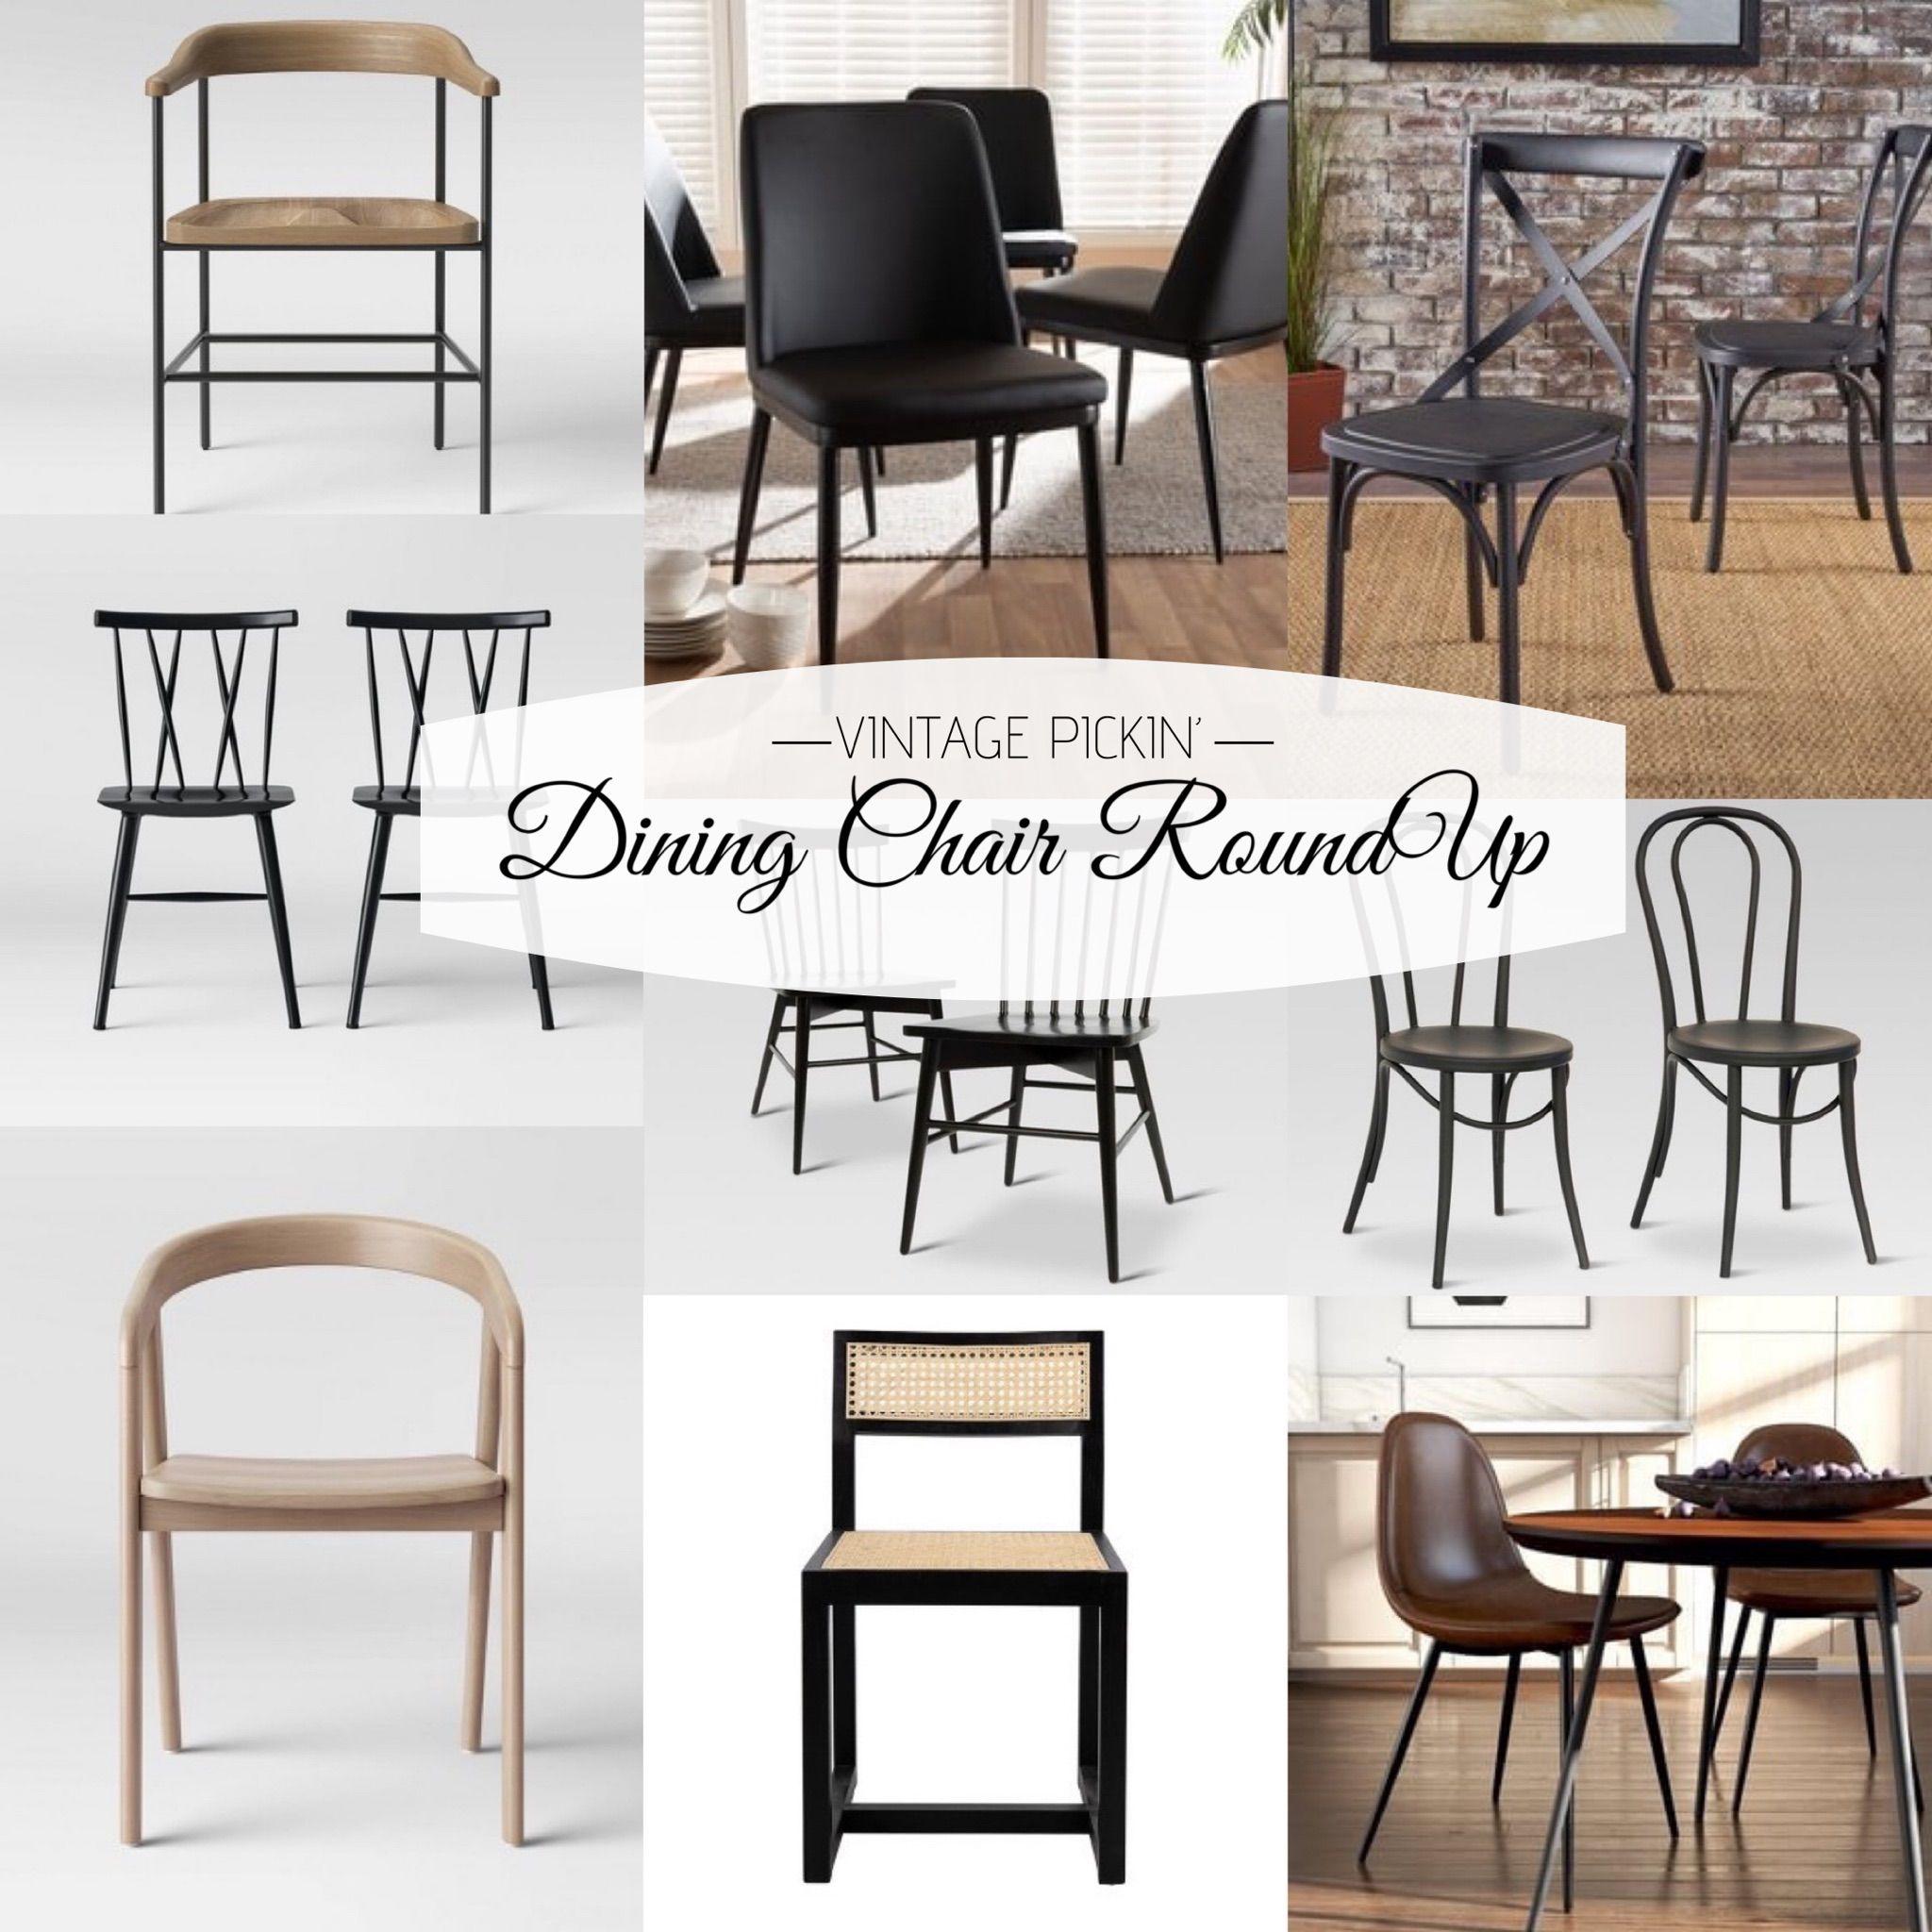 #roundup #diningroom #chair #homeaccessories #farmhouse #farmdecor #homestyle #diningroomdecor